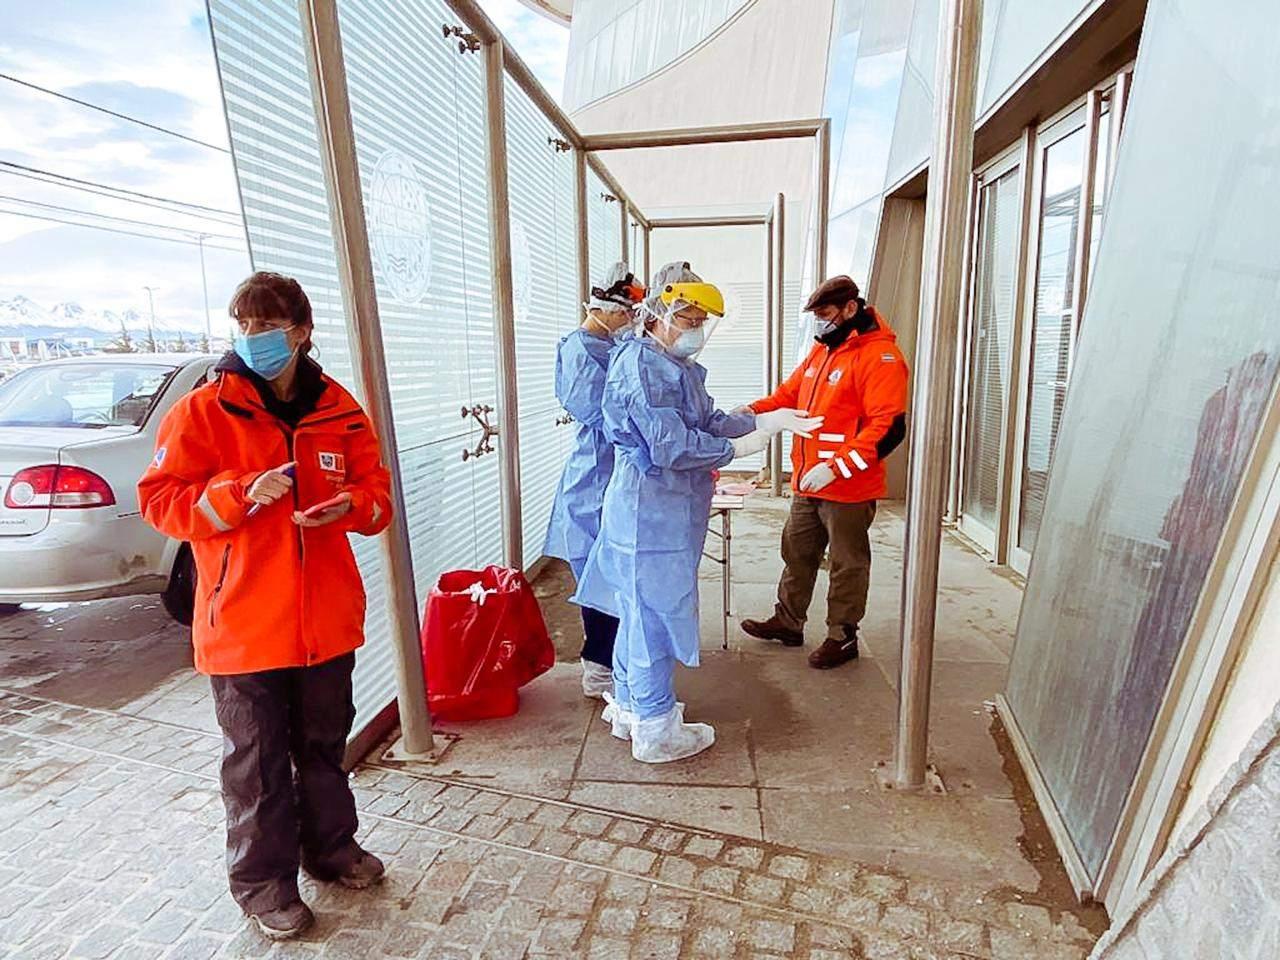 De 203 muestras PCR se confirmaron 24 casos positivos en Río Grande y 18 en Ushuaia